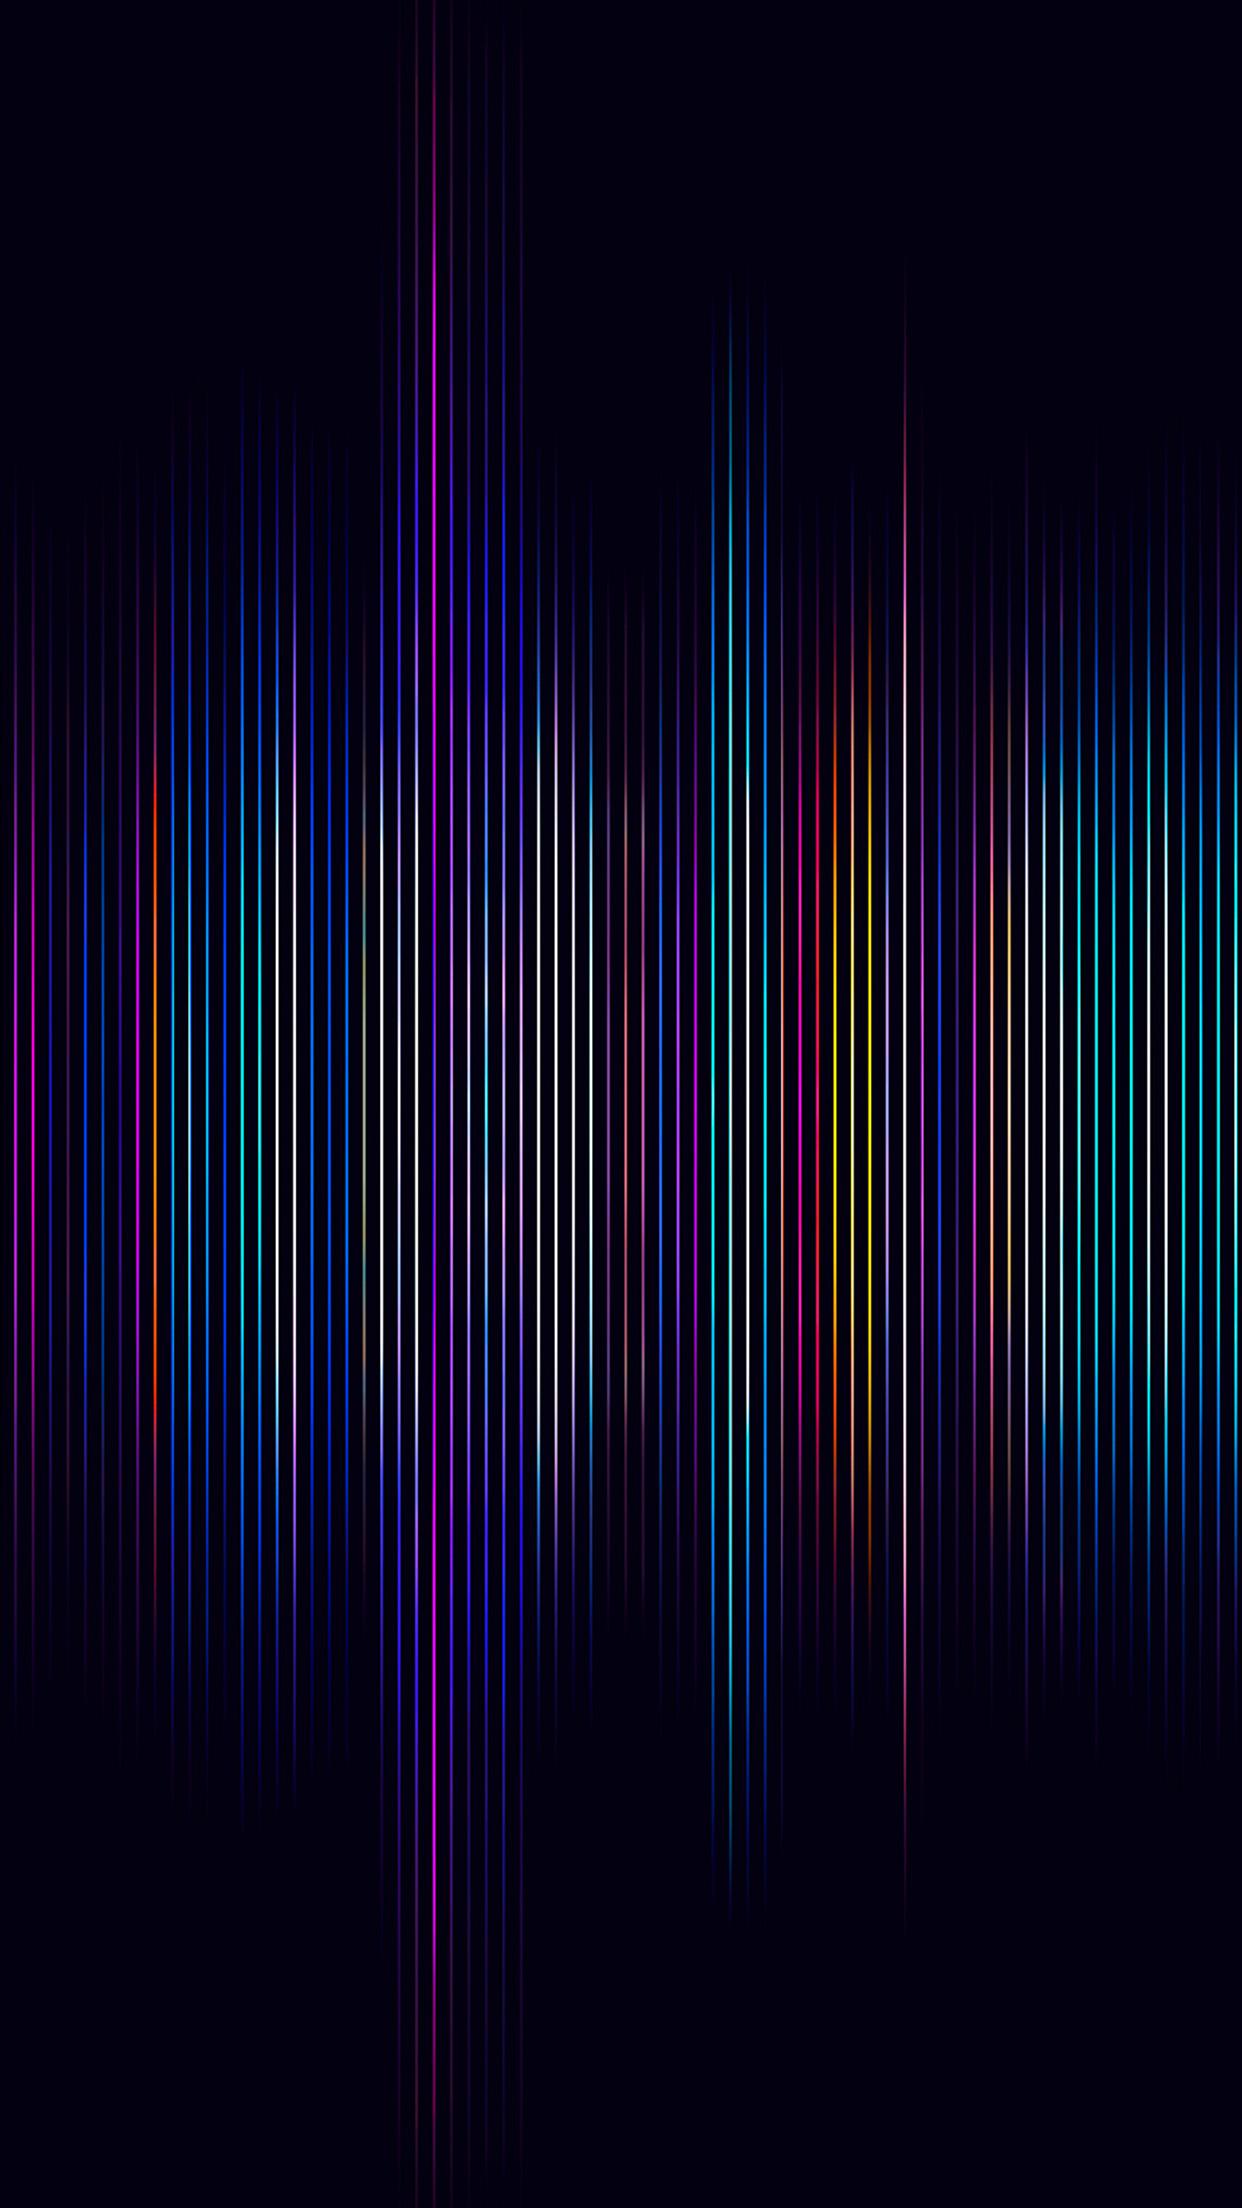 Bd80 line dark minimal art illustration wallpaper for Minimal art essay